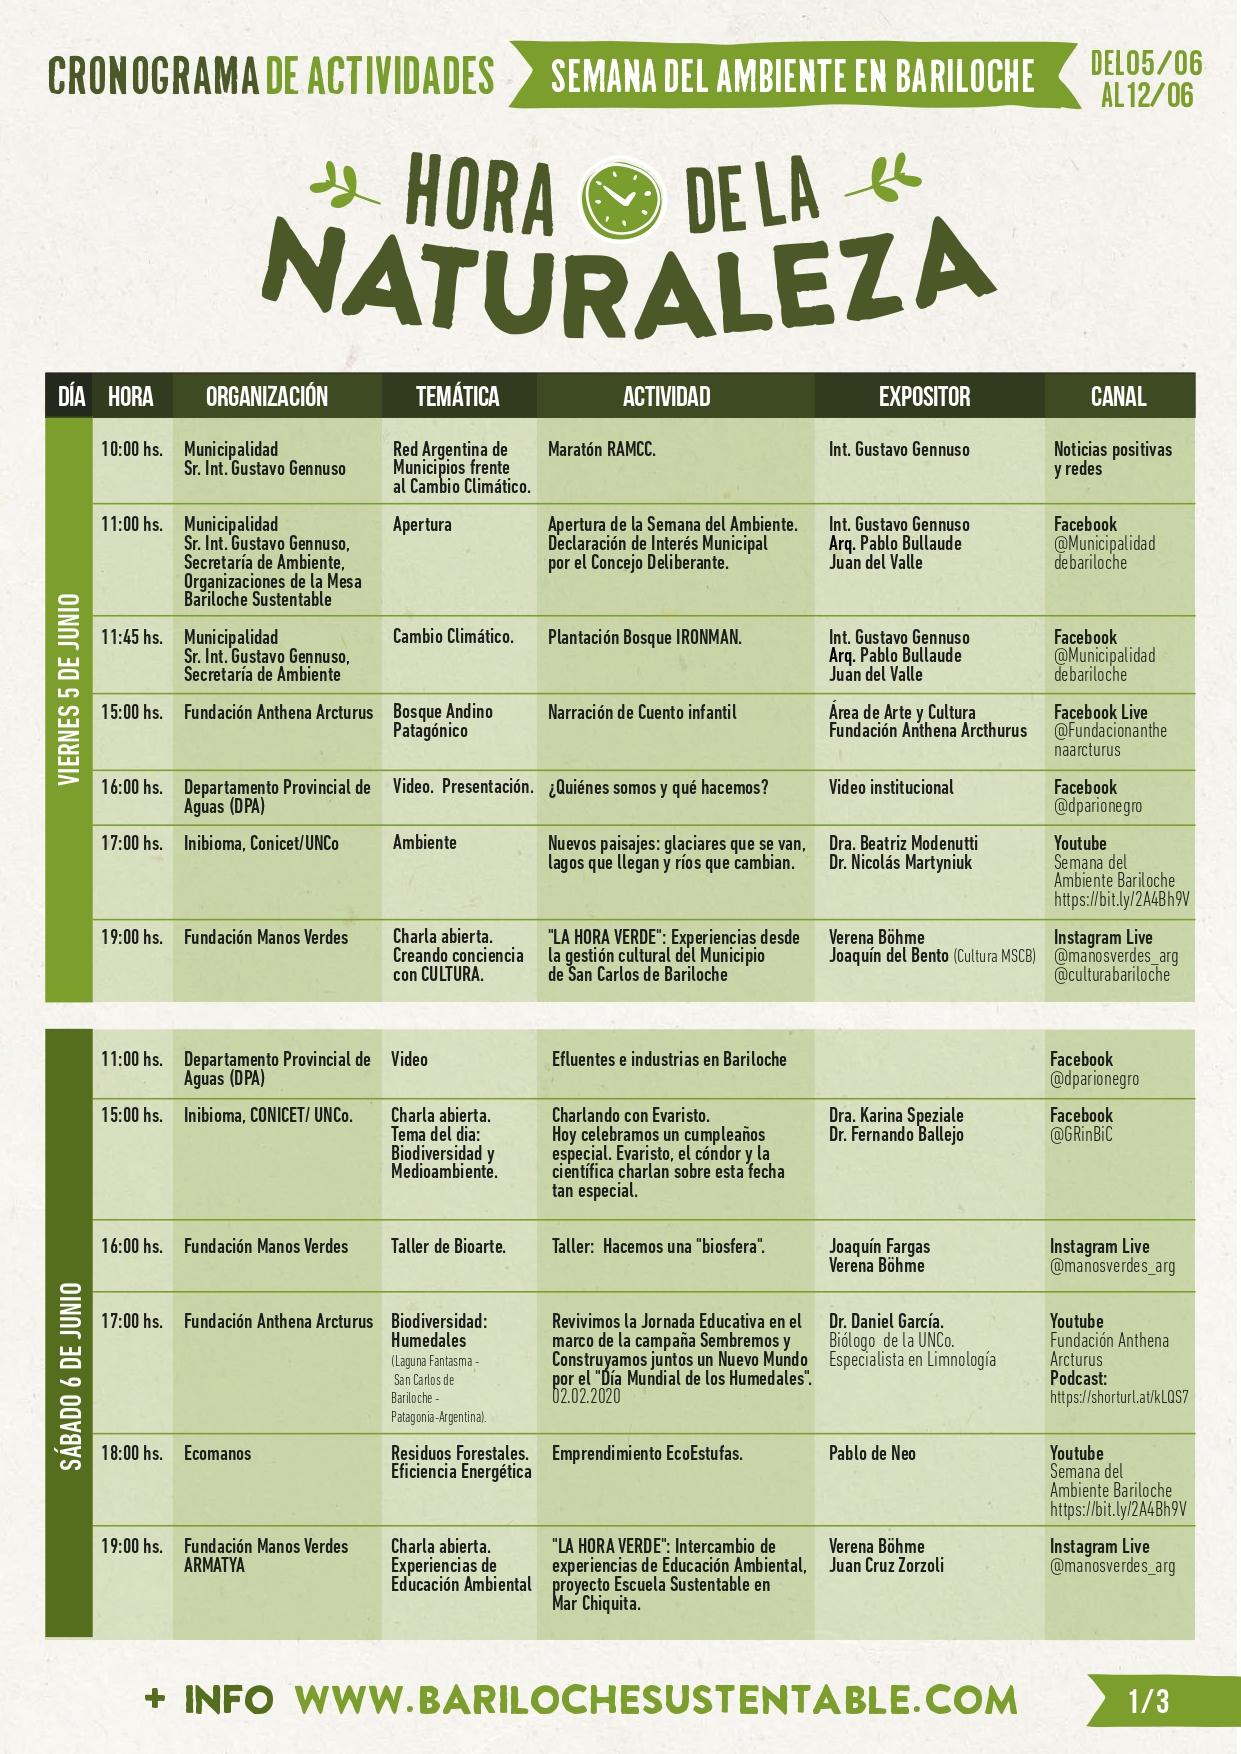 cronograma-semana-del-ambiente1